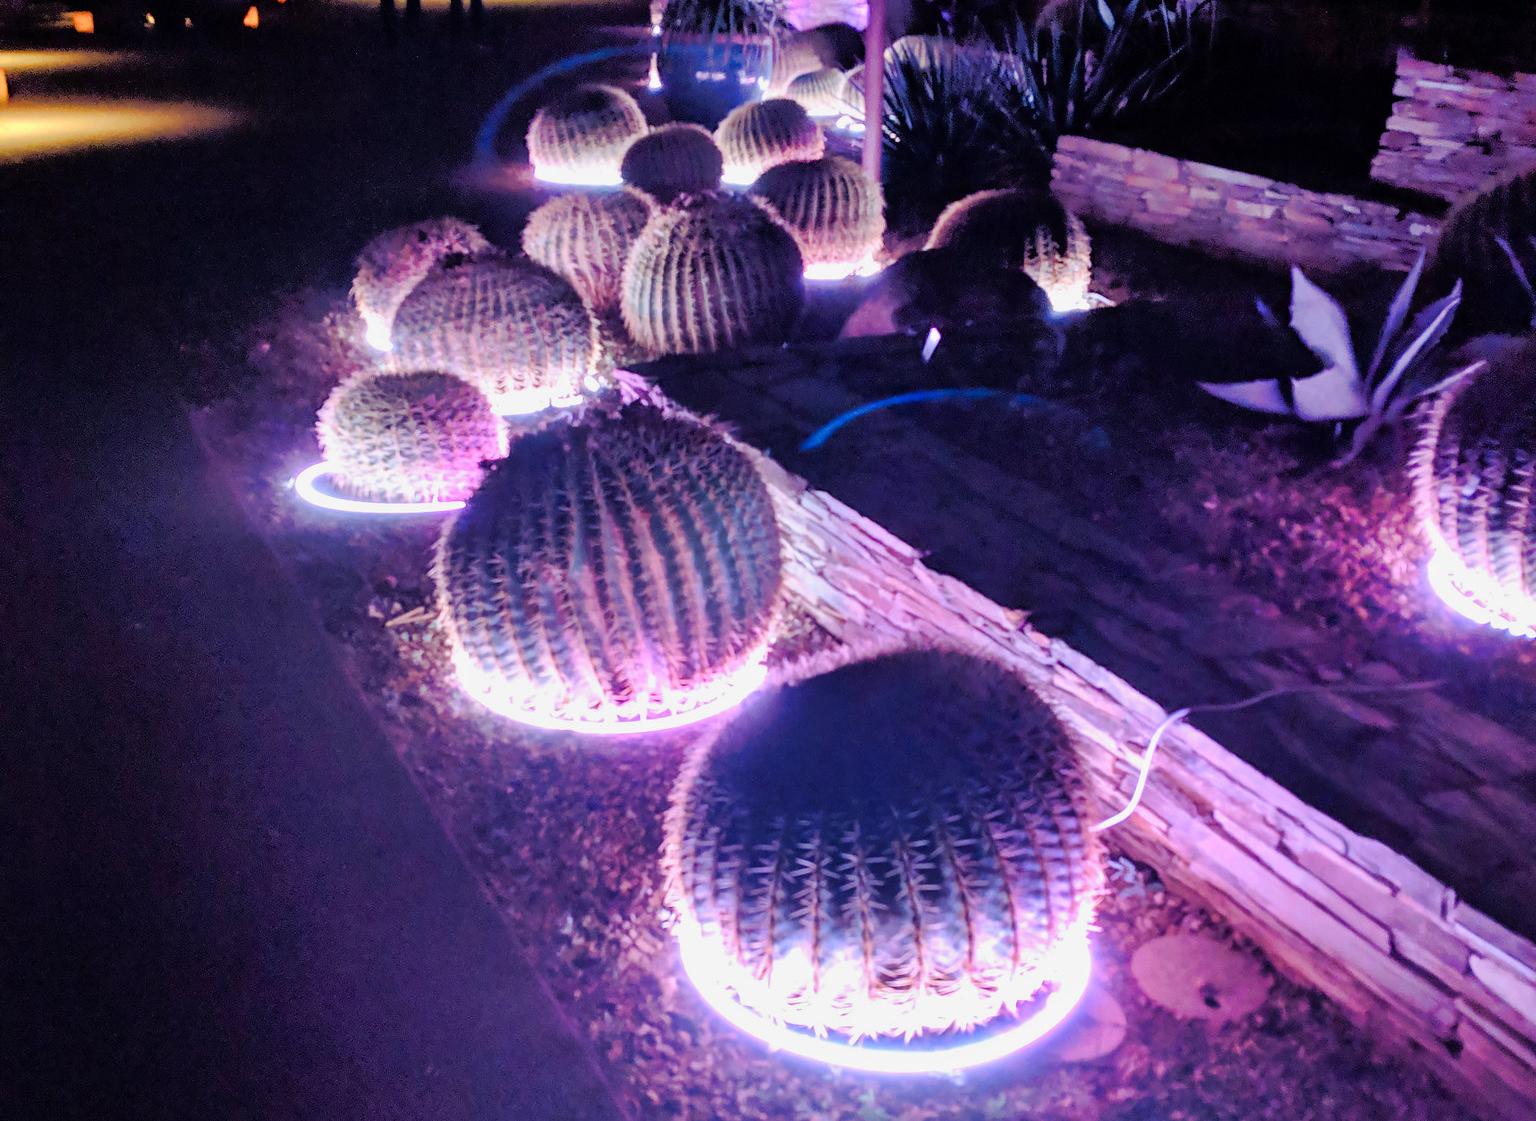 Las Noches de las Luminarias by Dale Cruse on Flickr_crop